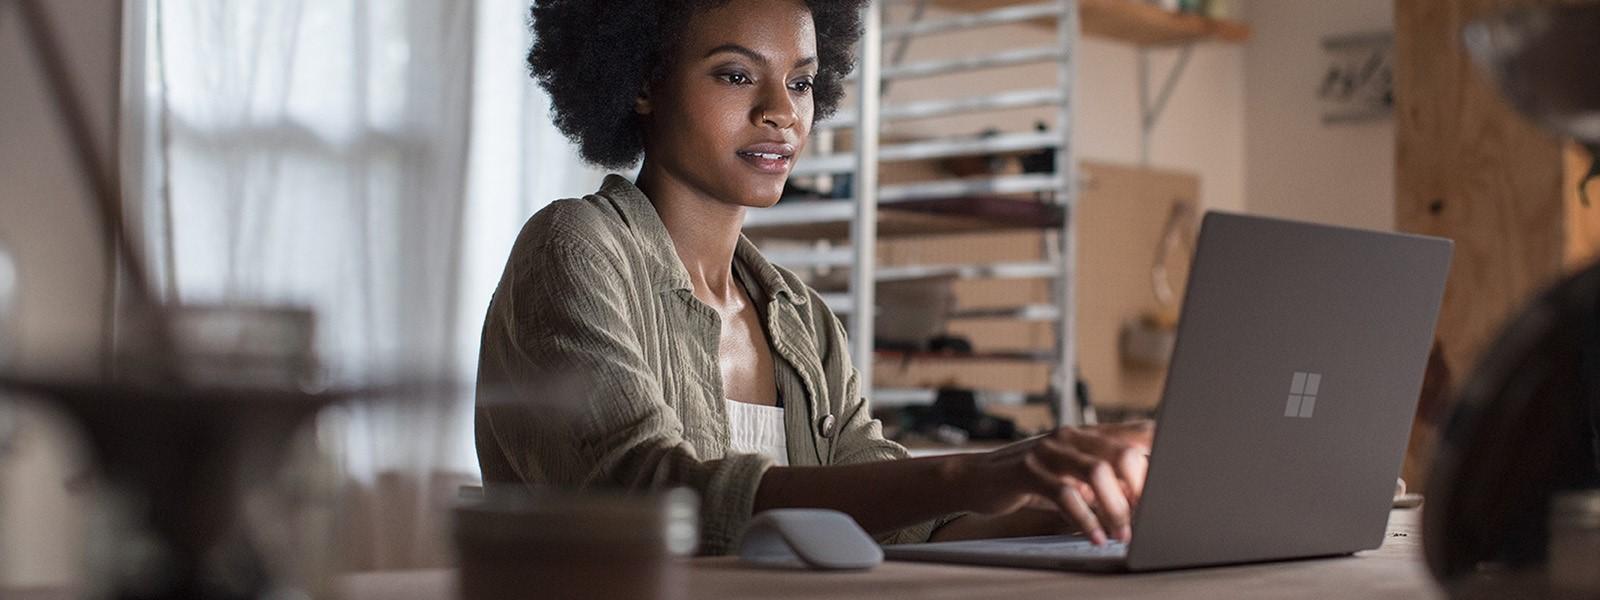 Eine Frau sitzt an einem Tisch und arbeitet mit einem Surface Laptop